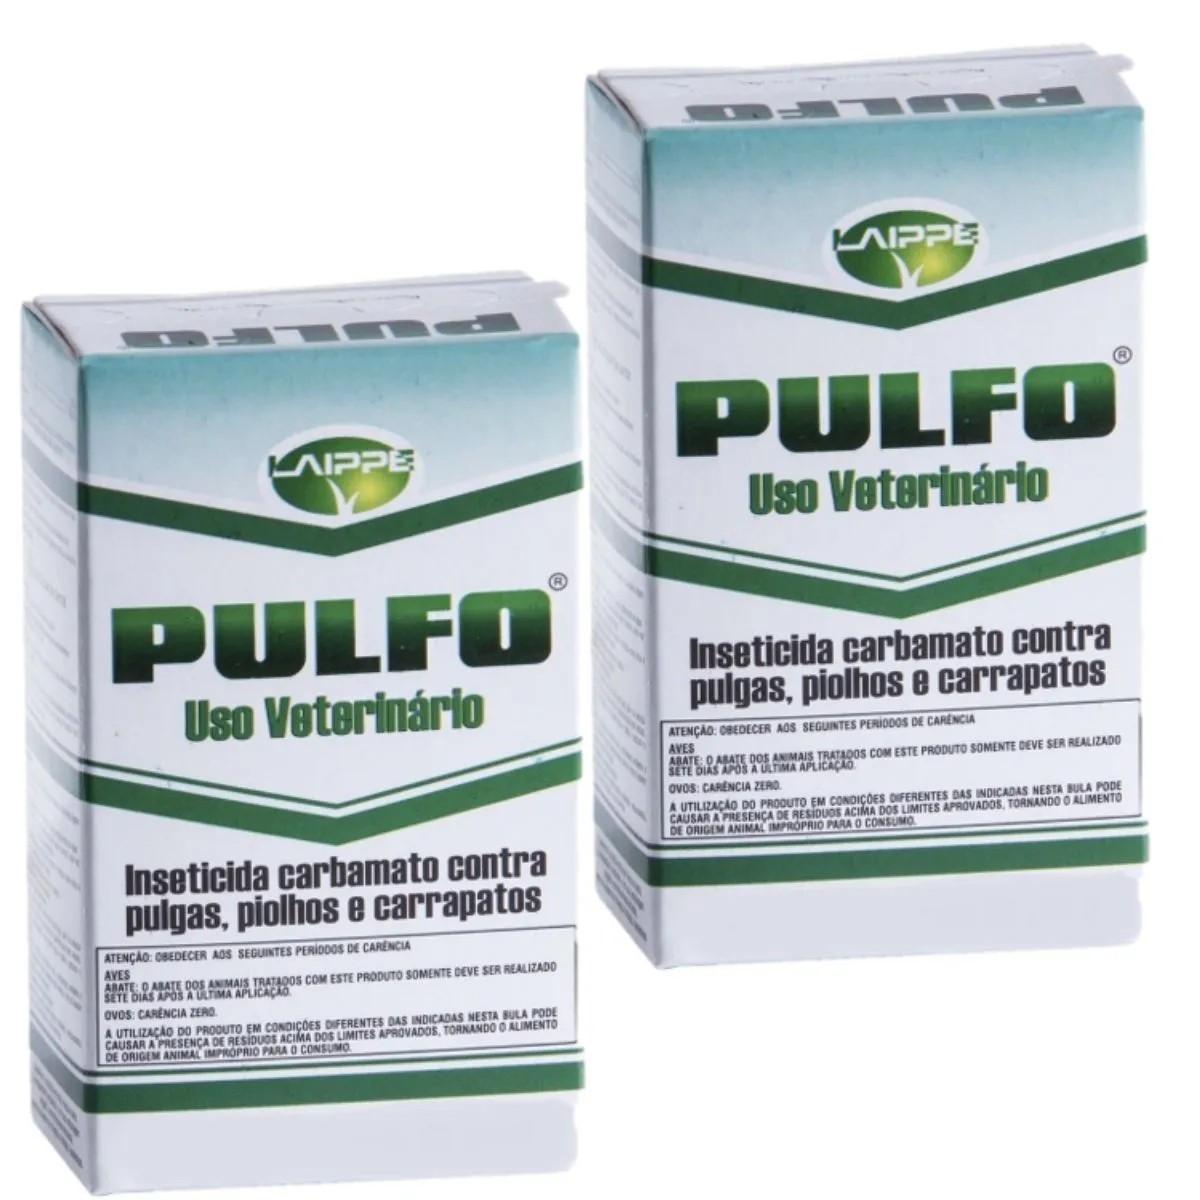 Inseticida Pulfo Antipulgas, Piolhos e Carrapatos combo com 2 unidades